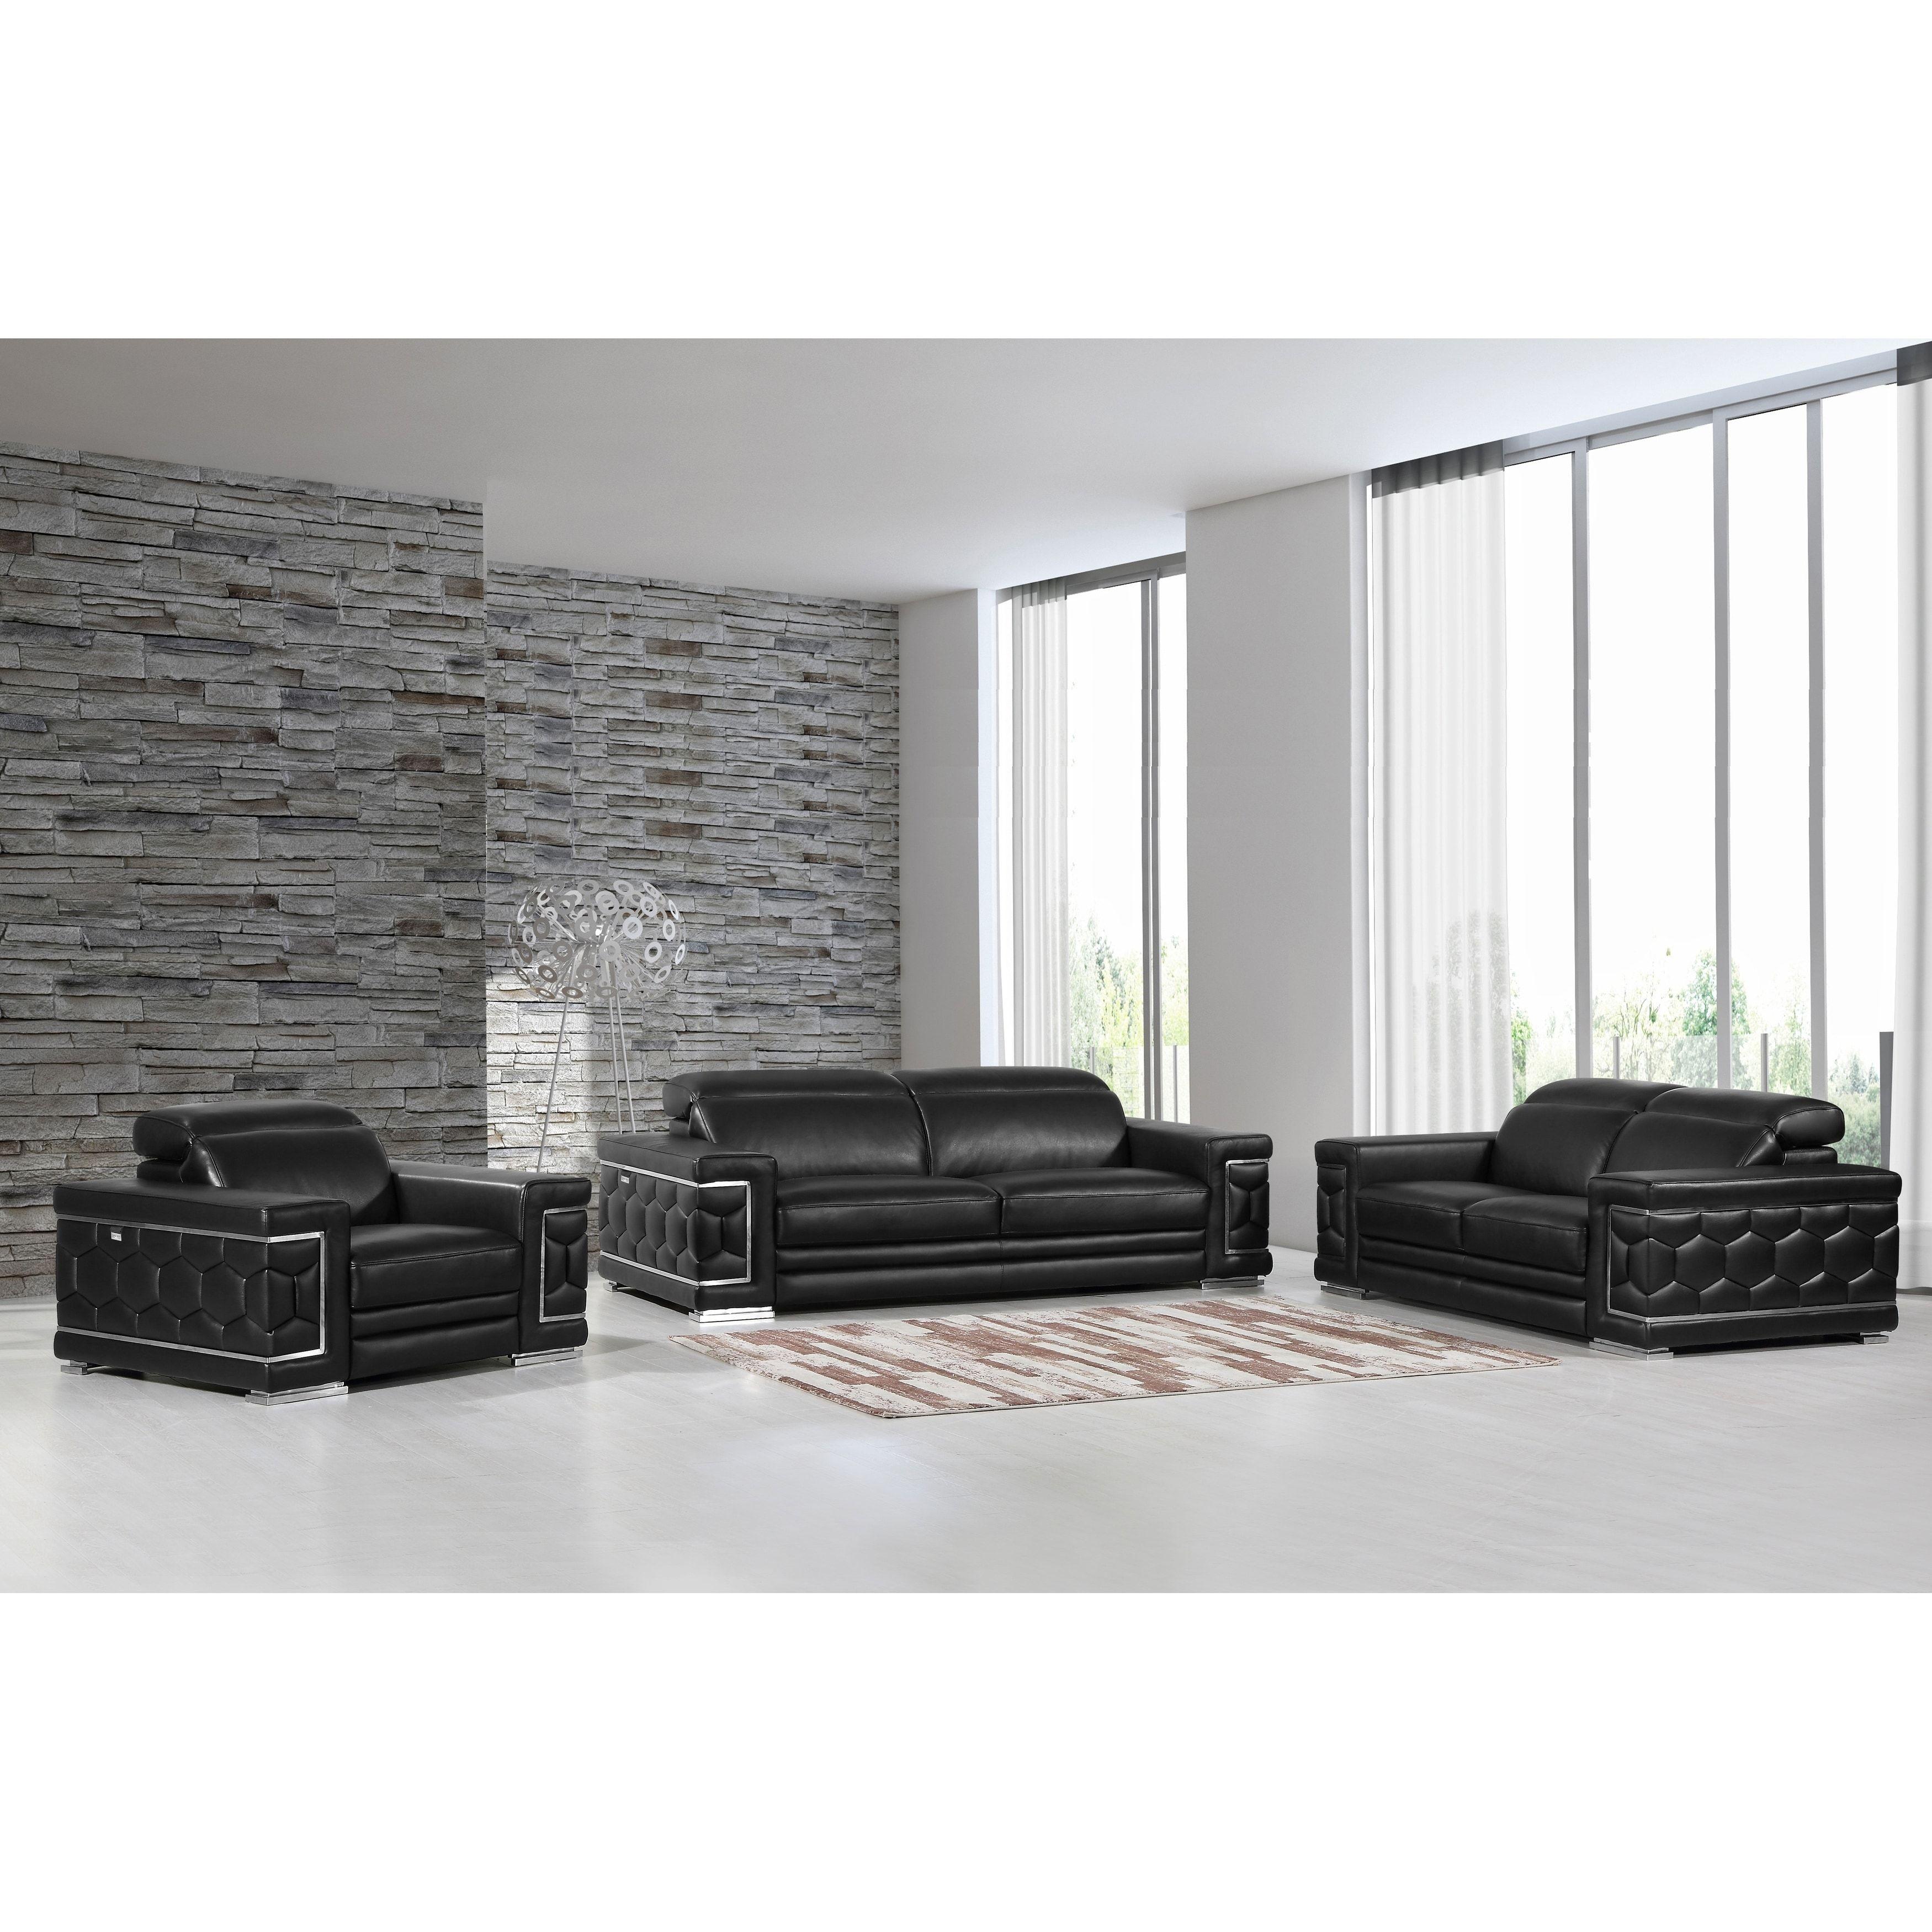 DivanItalia Ferrara Luxury Italian Leather Upholstered Complete 3 ...